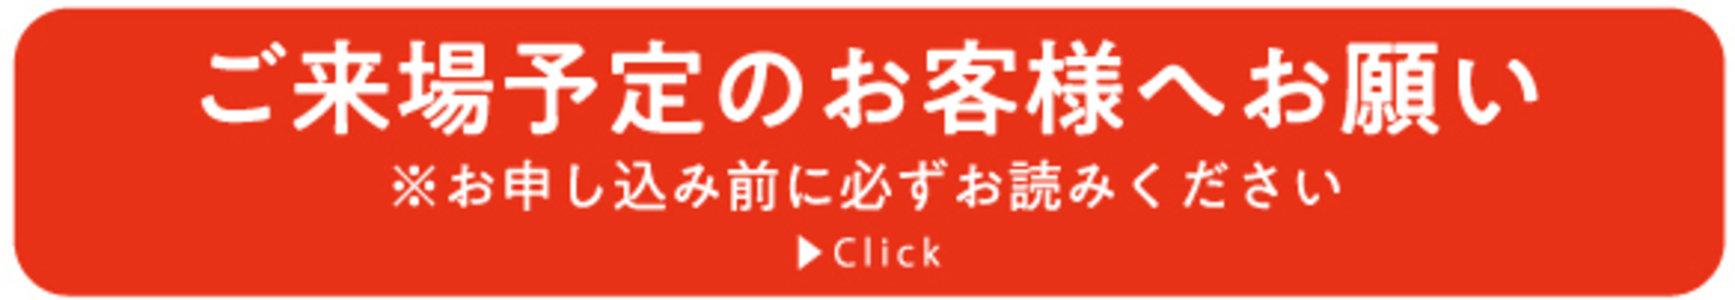 【再振替】「LAWSON presents 夏川椎菜 Zepp Live Tour 2020-2021 Pre-2nd」大阪公演 2回目